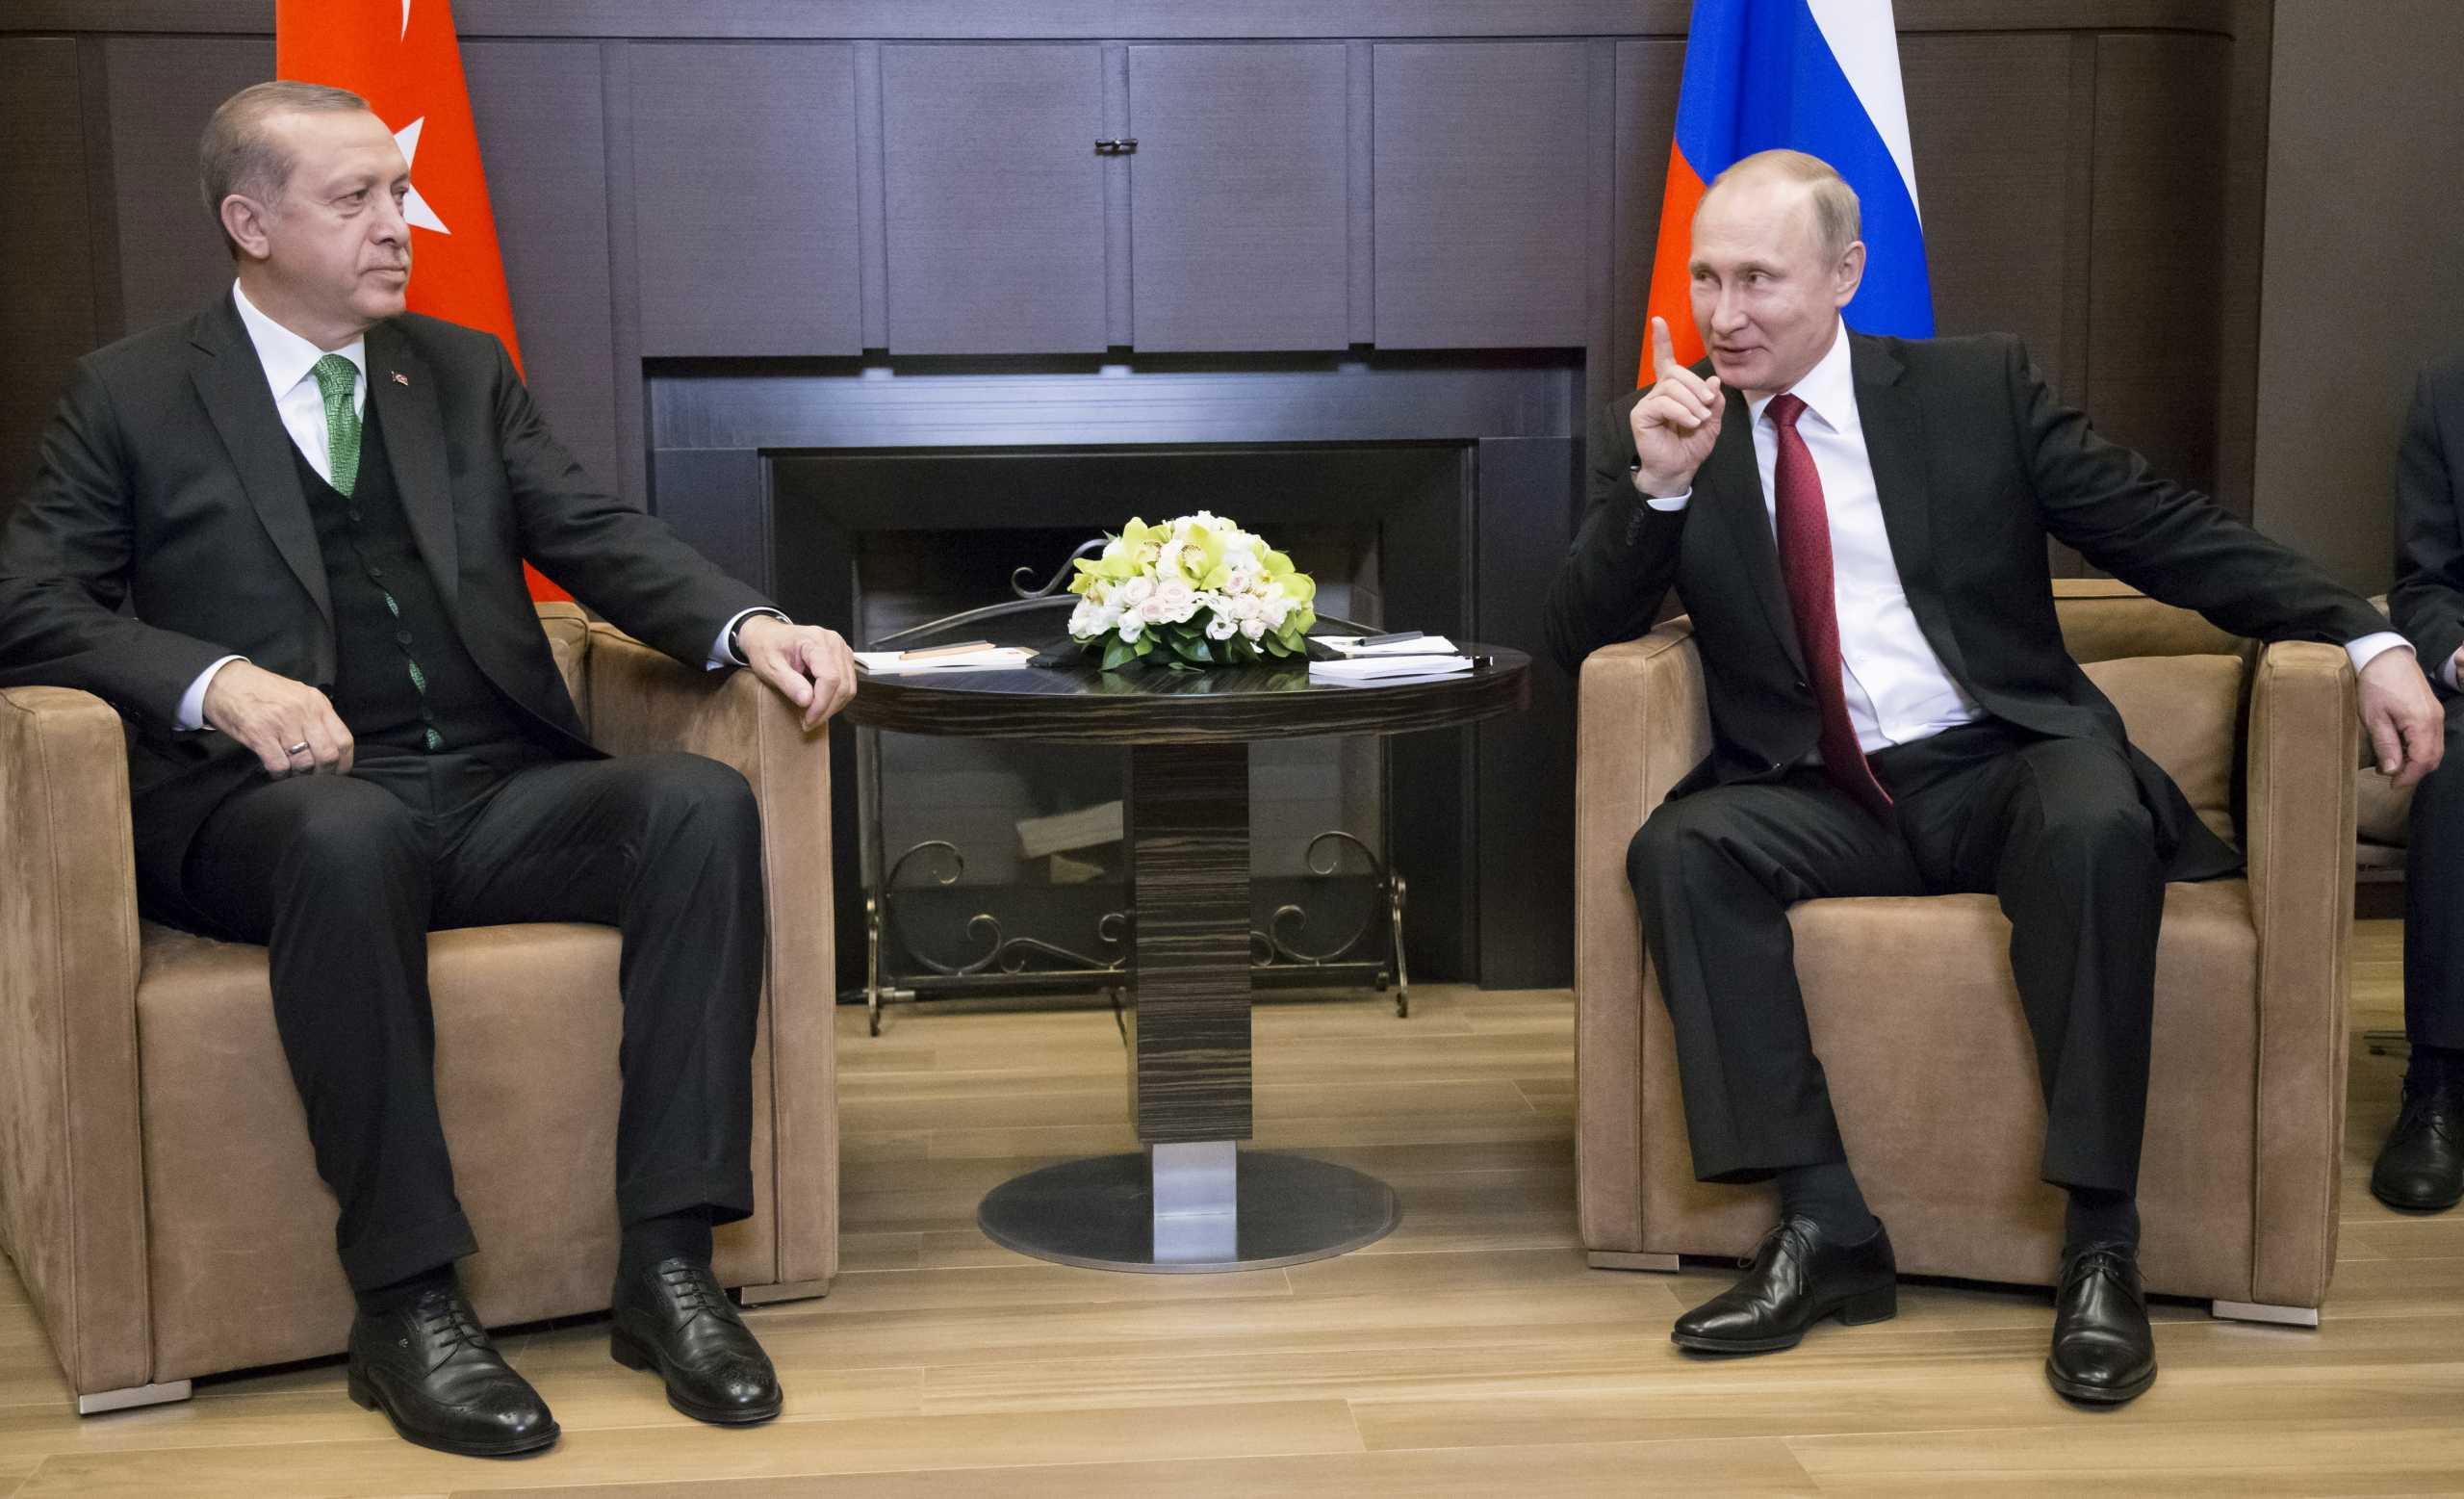 «Έκλεισε» το τετ-α-τετ Ερντογάν και Πούτιν για την «επίμαχη» επαρχία Ιντλίμπ